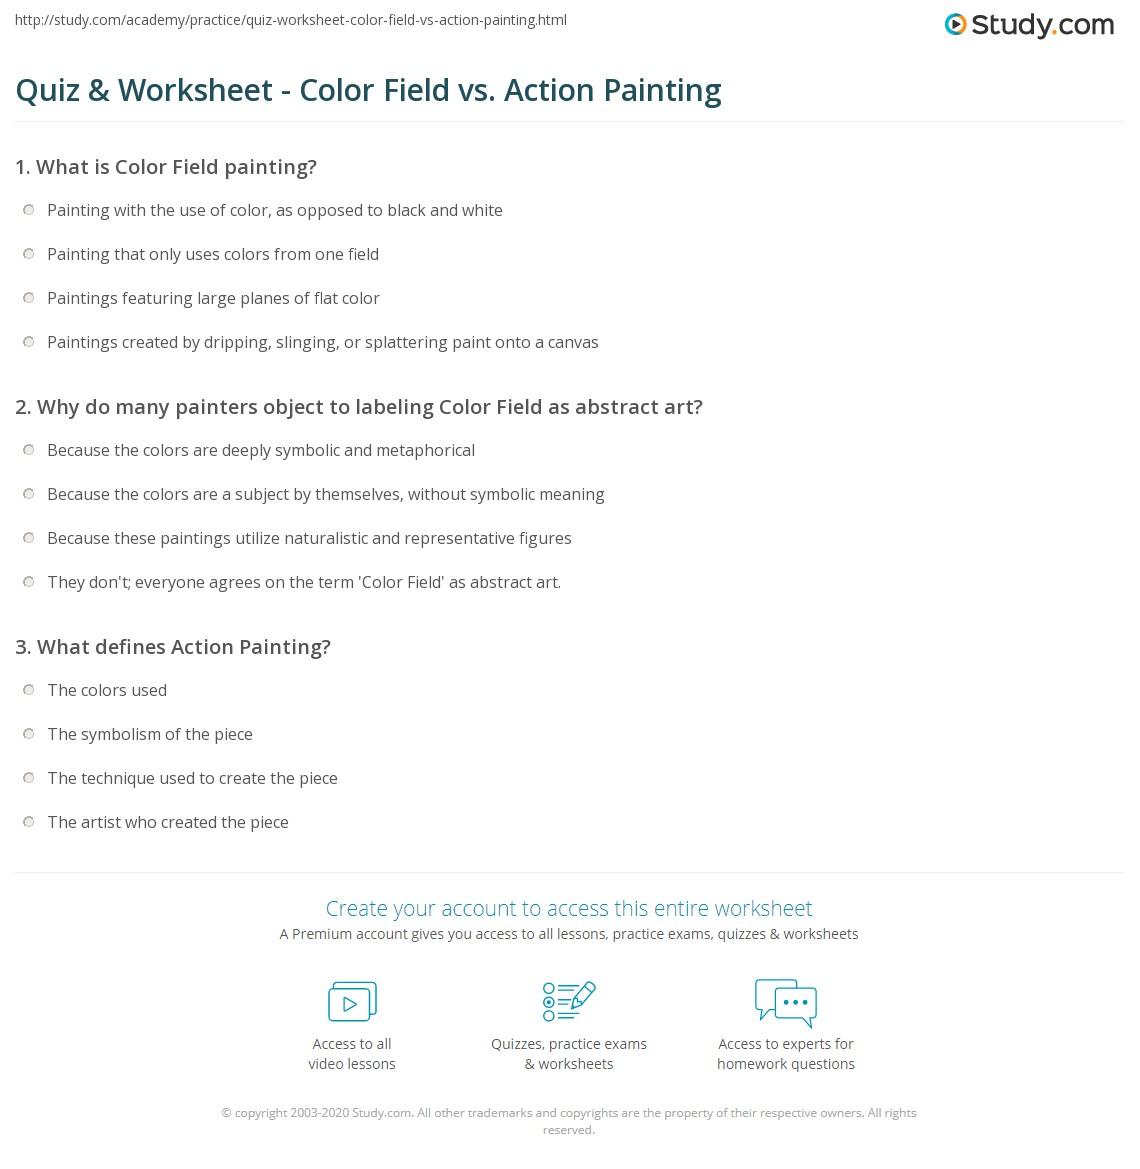 quiz worksheet color field vs action painting. Black Bedroom Furniture Sets. Home Design Ideas